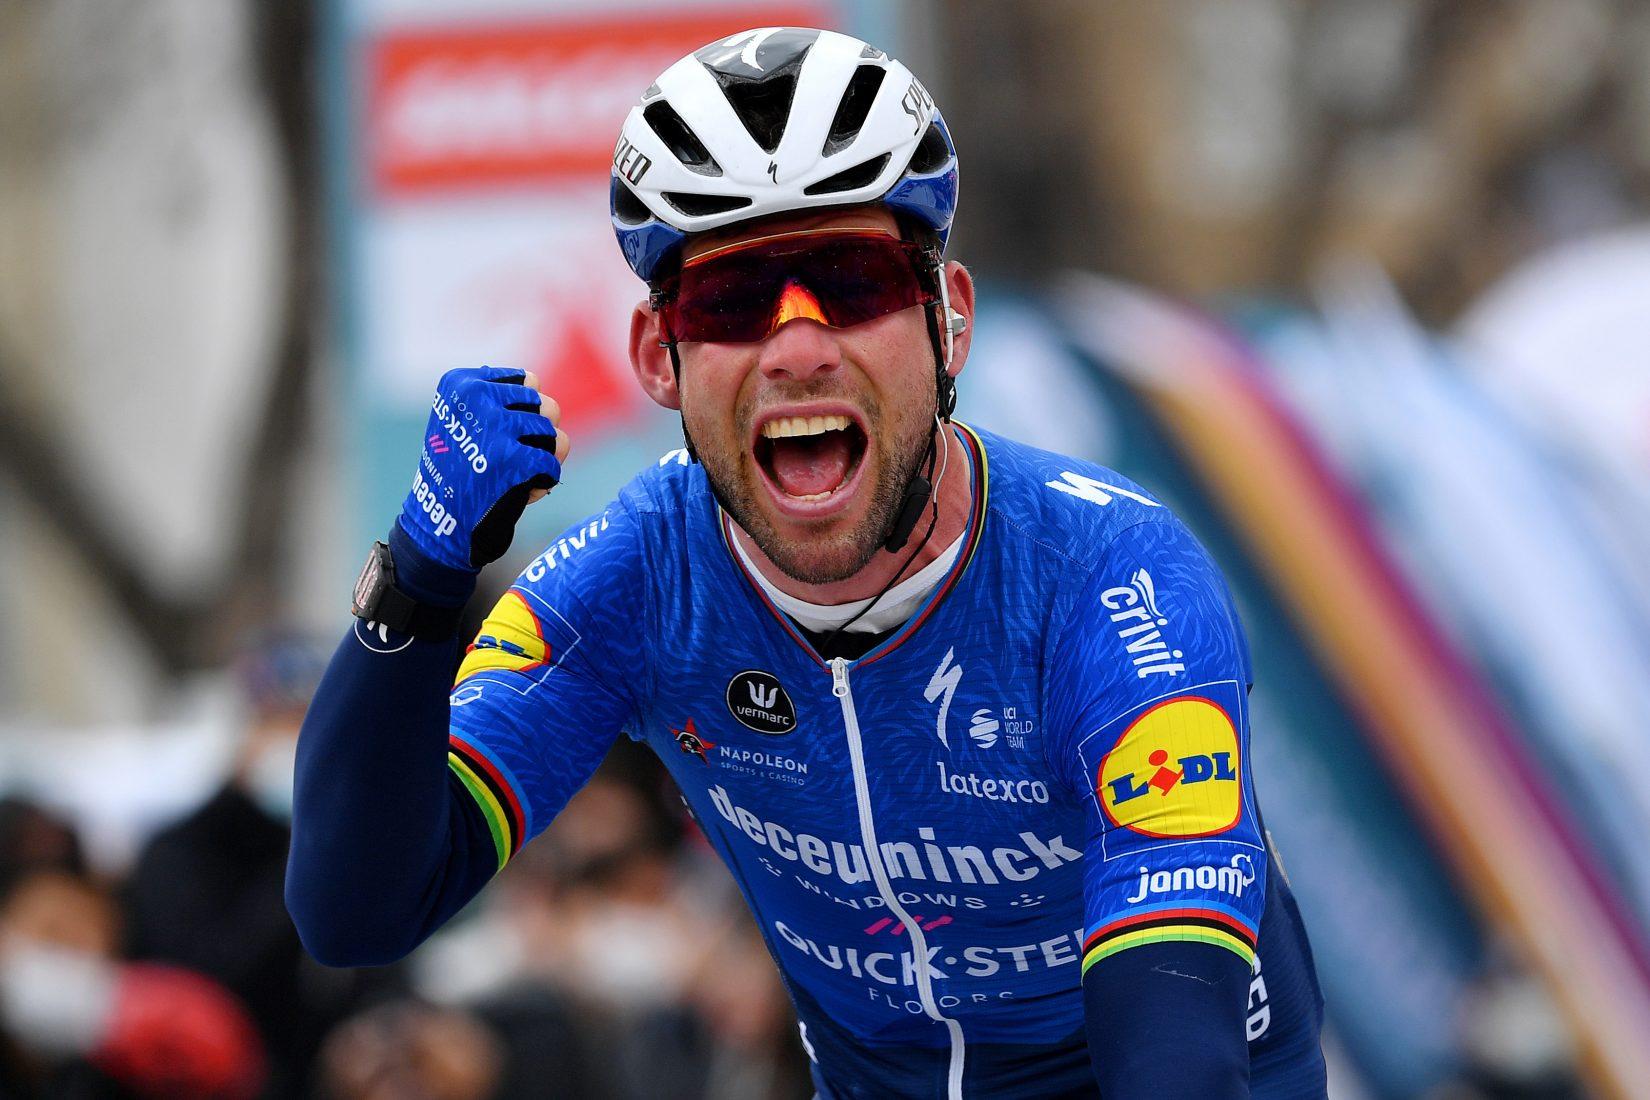 Il ritorno alla vittoria di Mark Cavendish